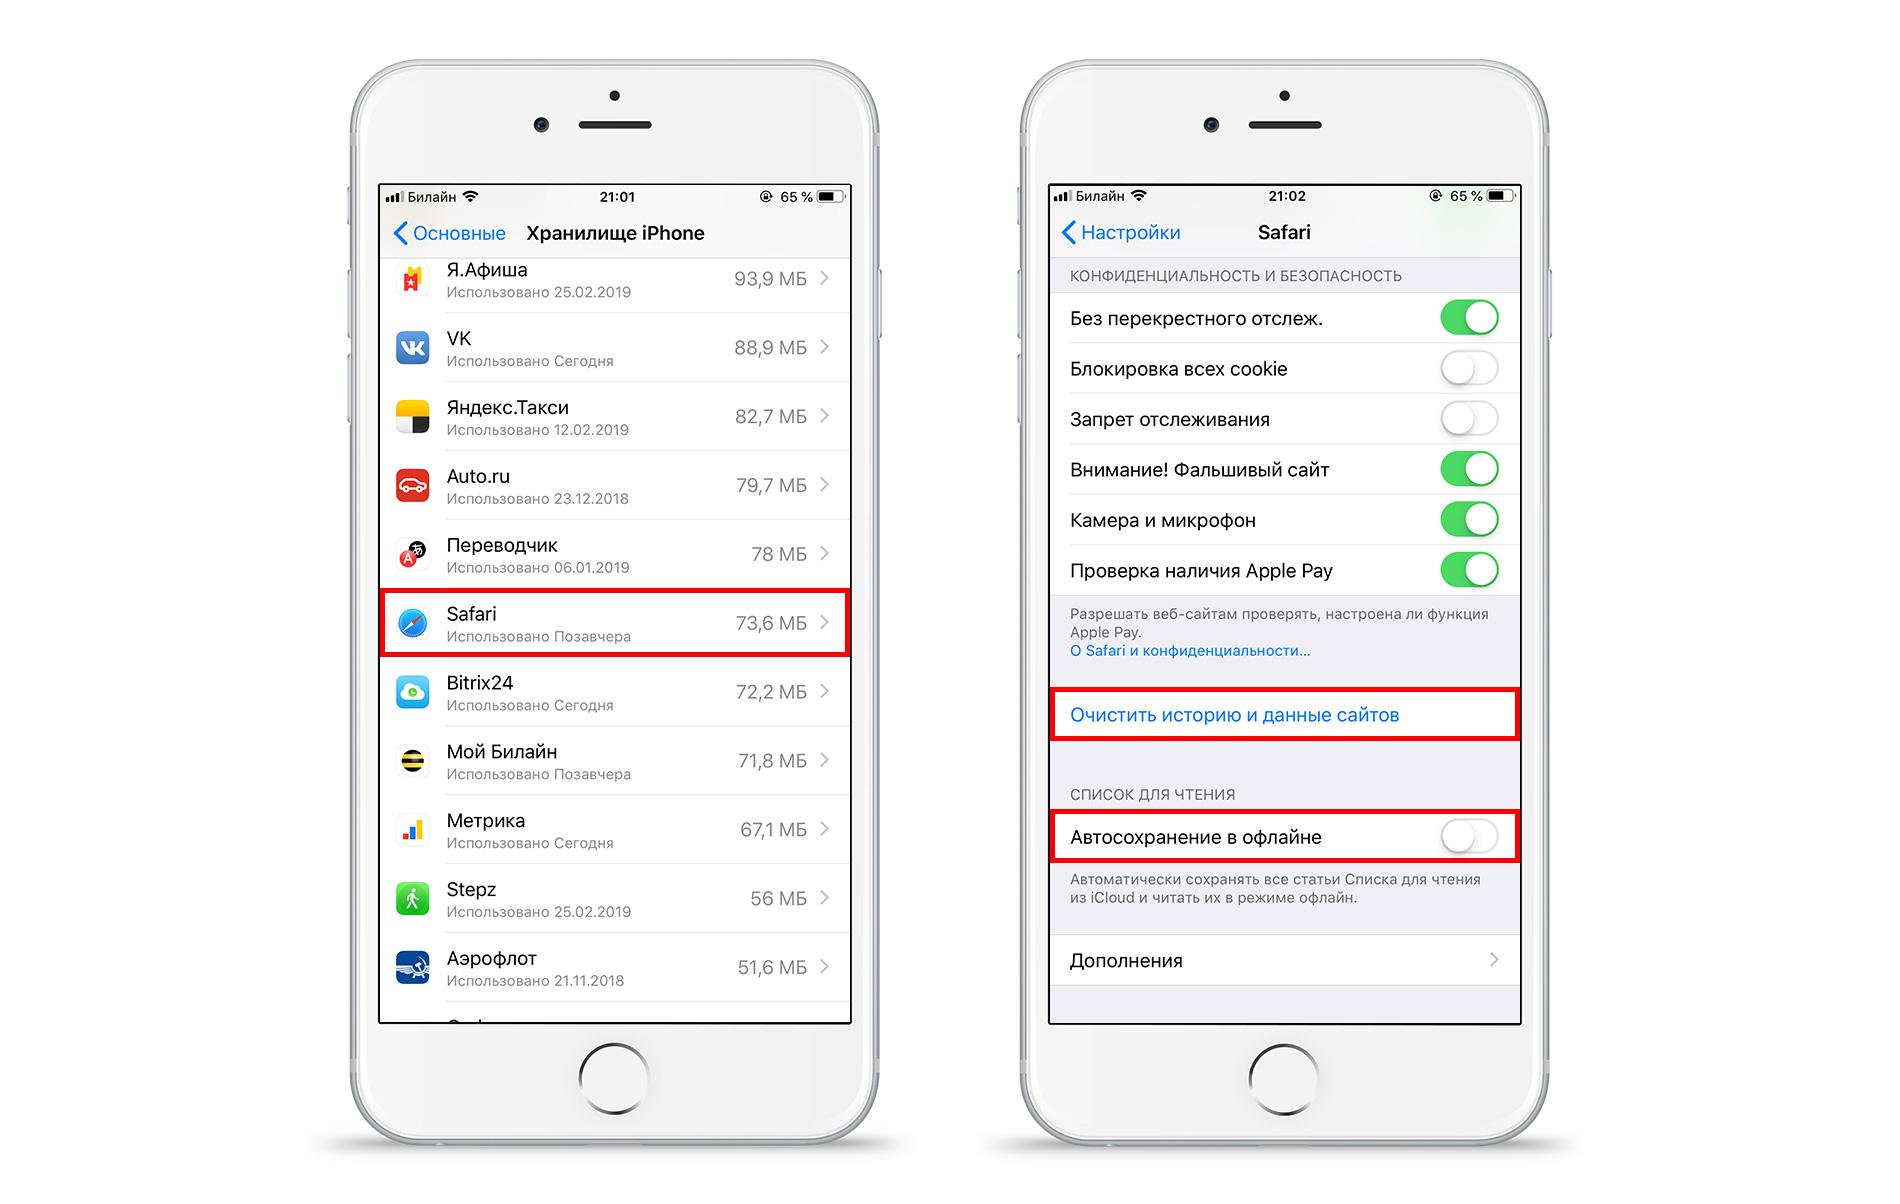 Удаляем кэш в Safari для очистки хранилища в iPhone